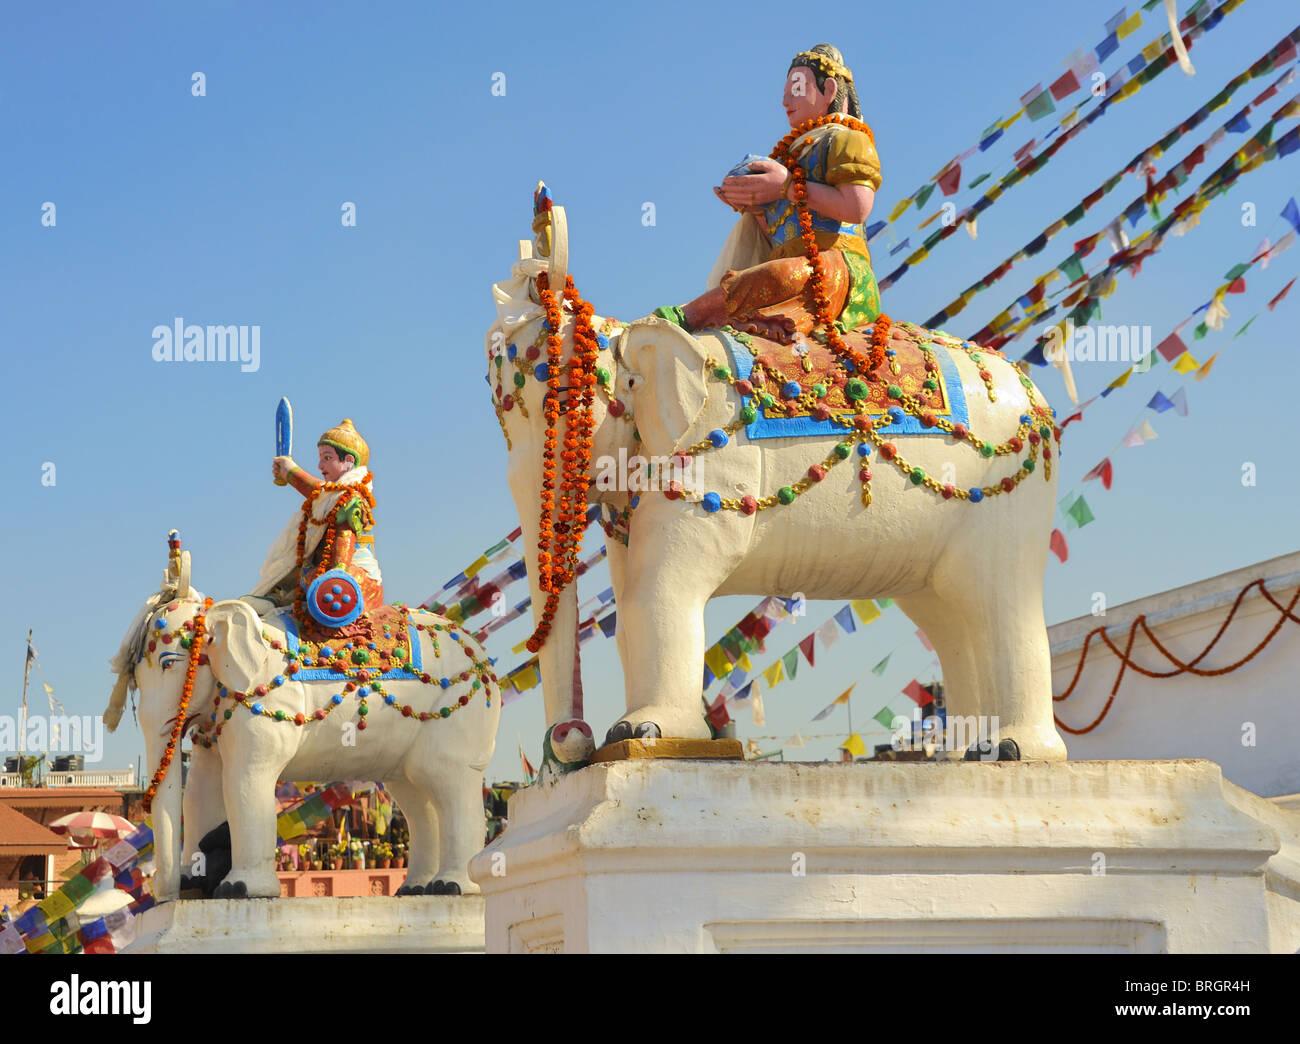 Elephant statues at Bodhnath Stupa, Kathmandu, Nepal. - Stock Image